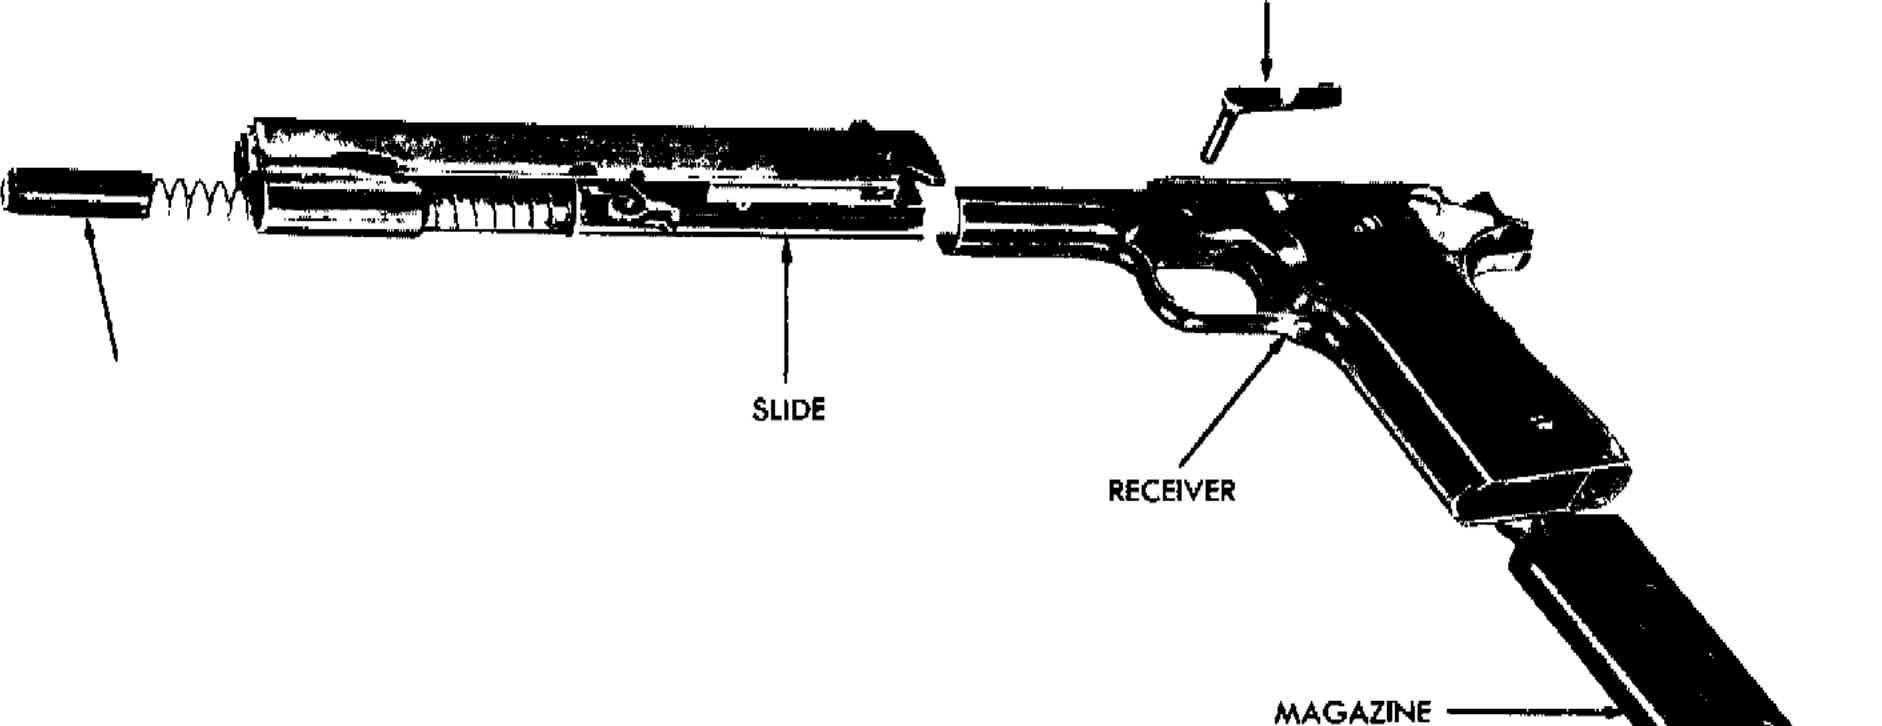 Info Colt M1911 And M1911a1 Pistol Bev Fitchett S Guns